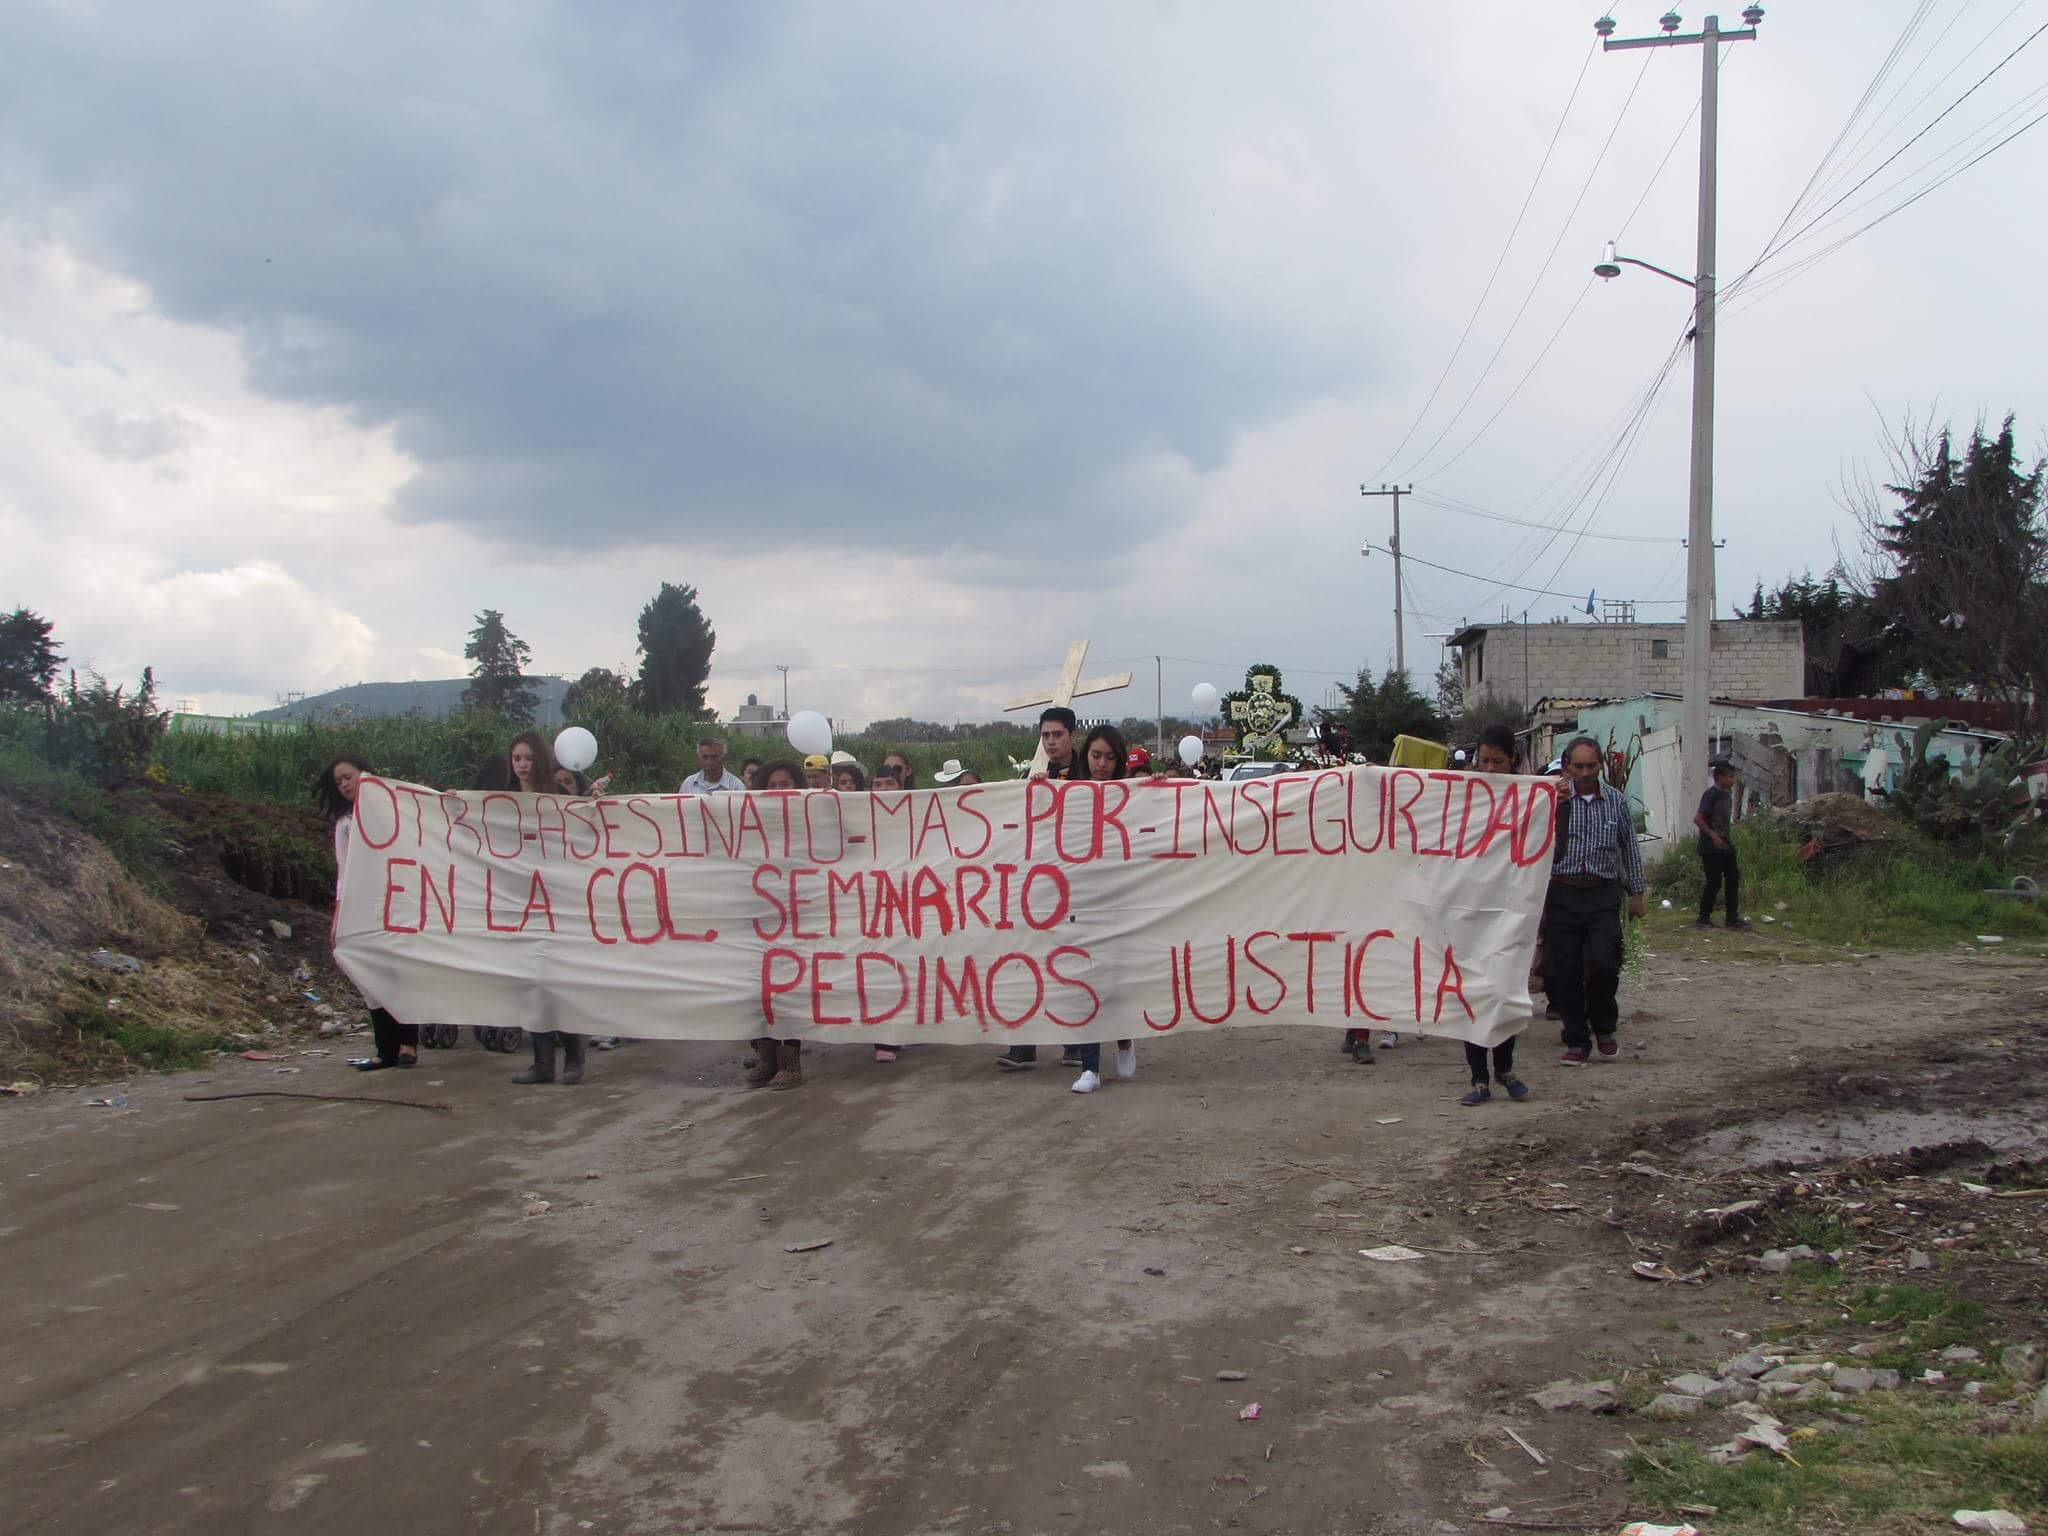 Fracasa BOM de Toluca, inseguridad consume El Seminario